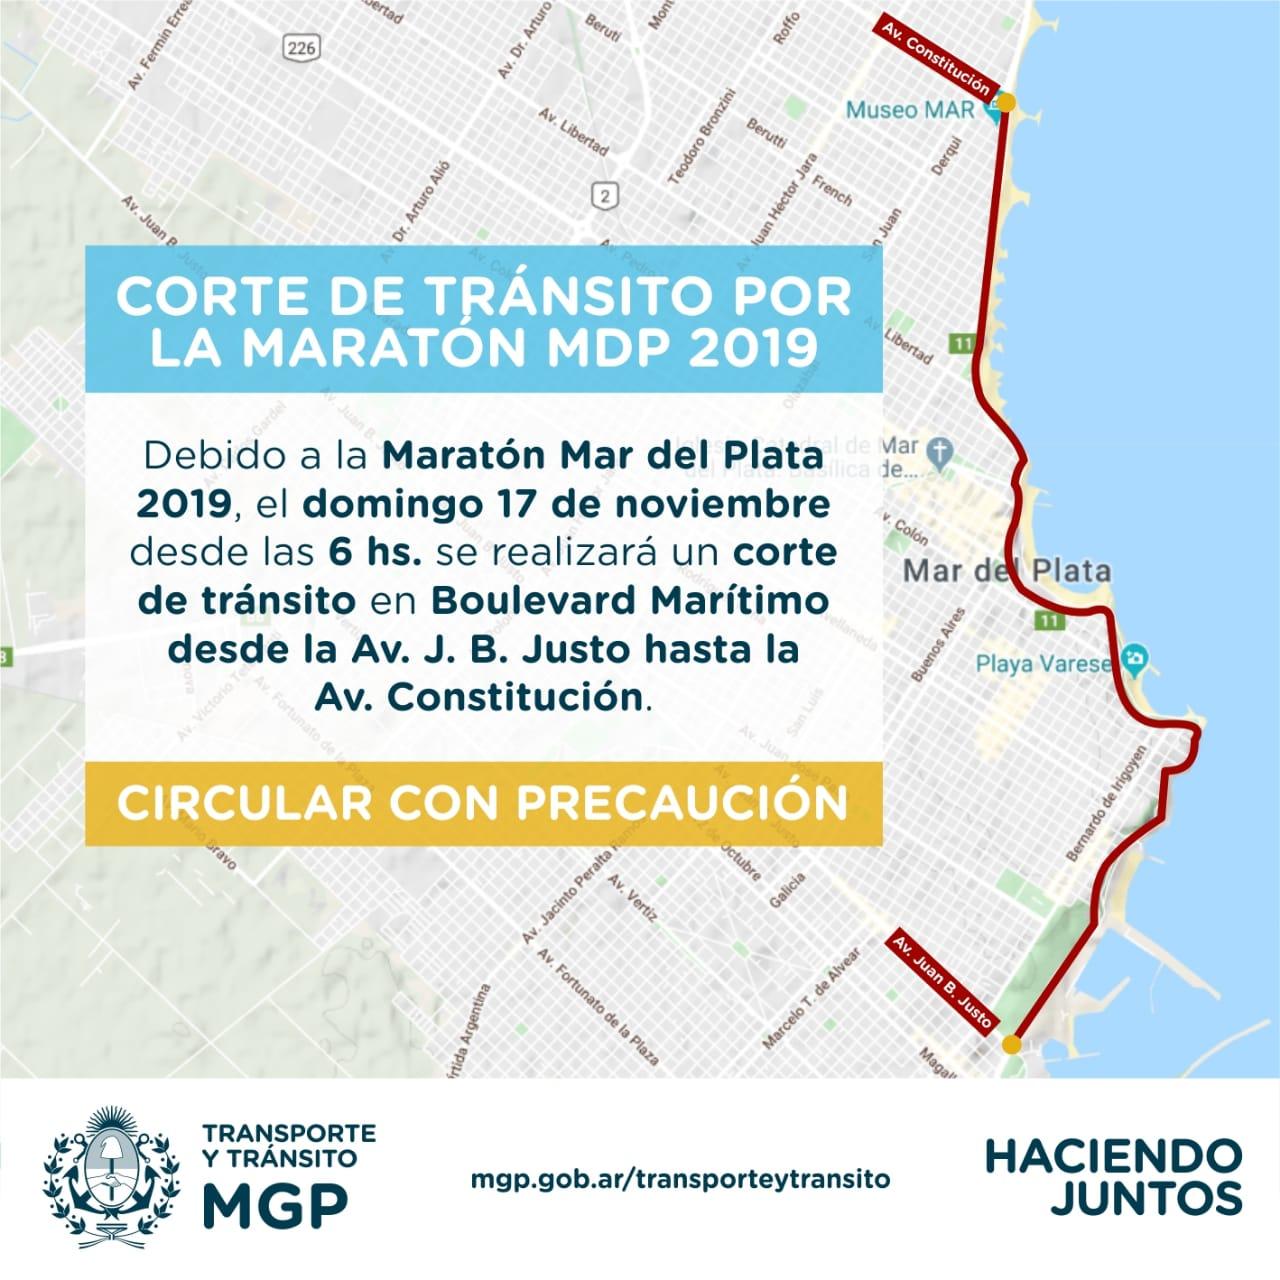 Cortes de Tránsito por el Maratón de Mar del Plata